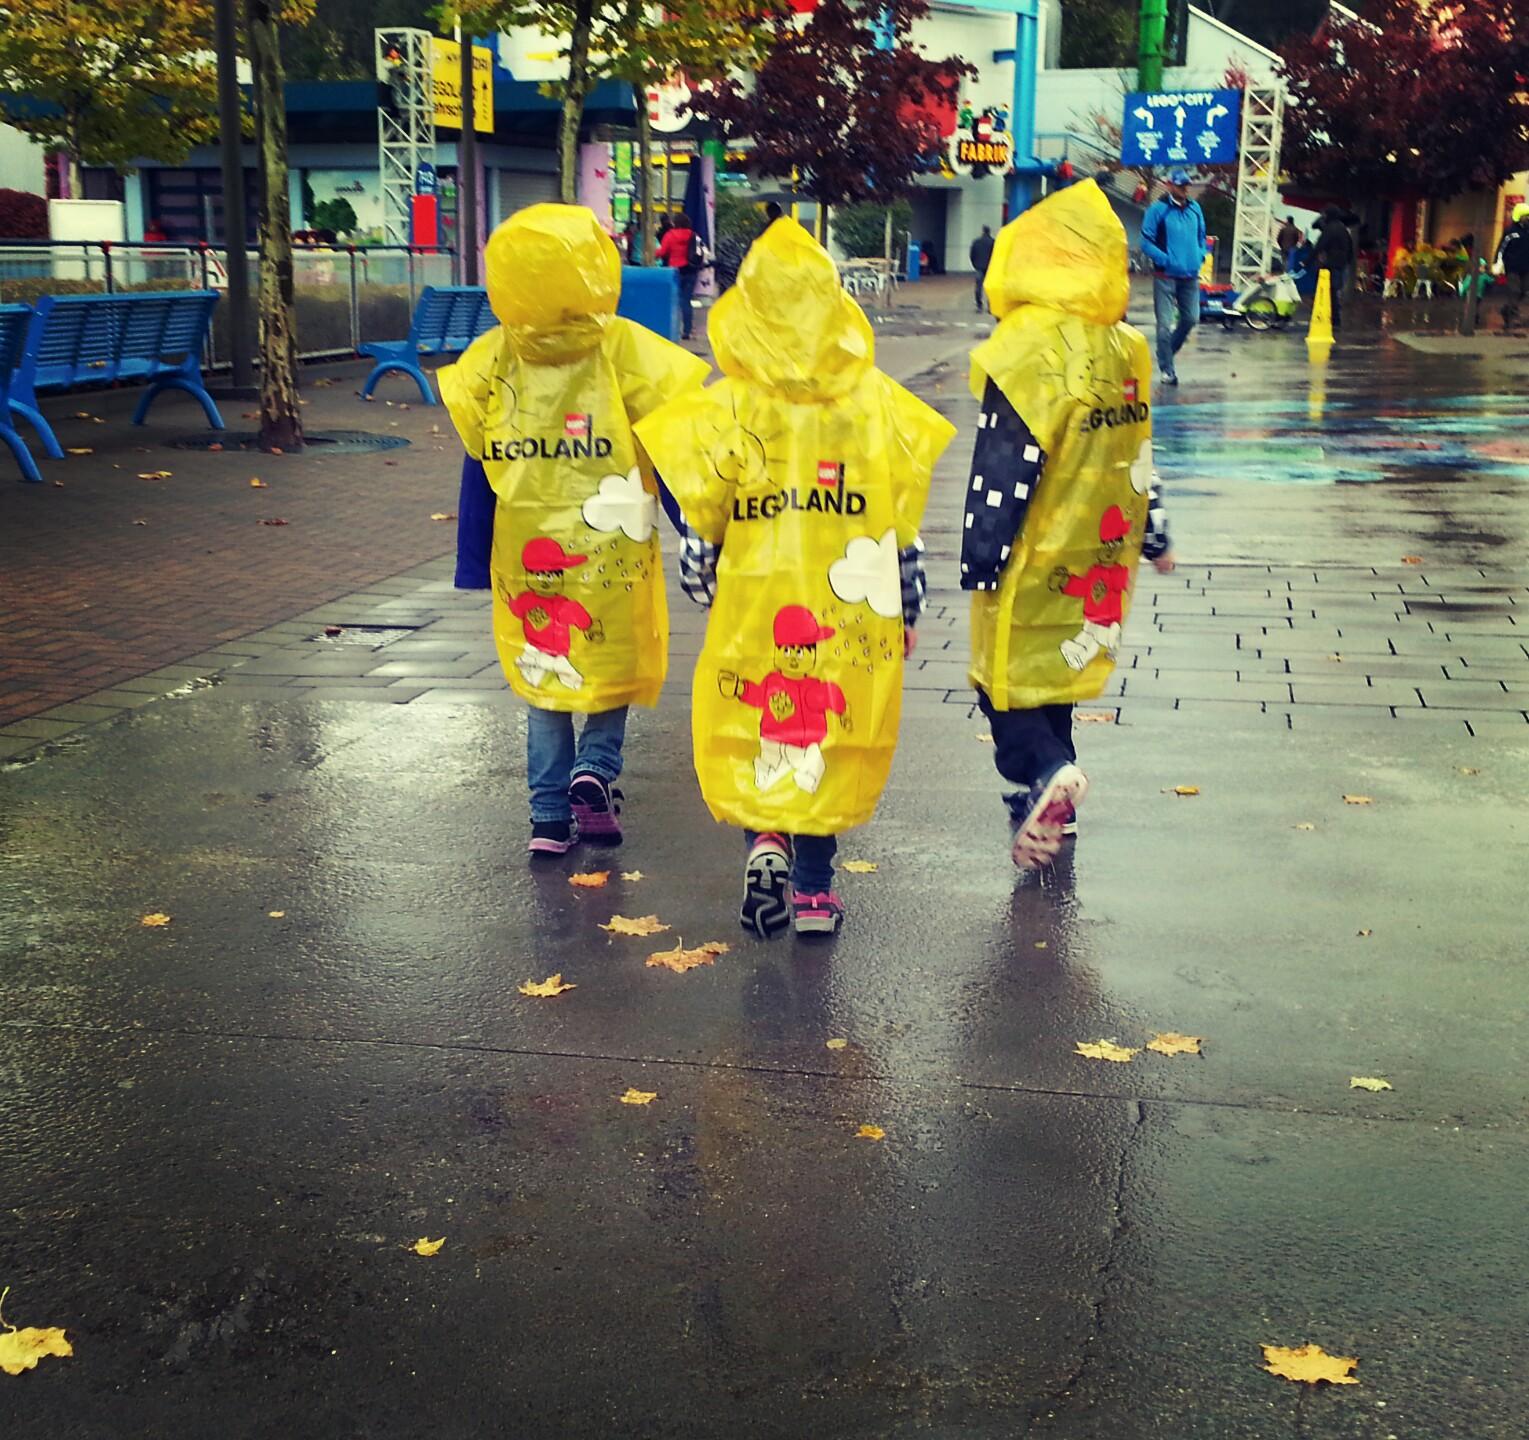 Malí světoběžníci v Legolandu